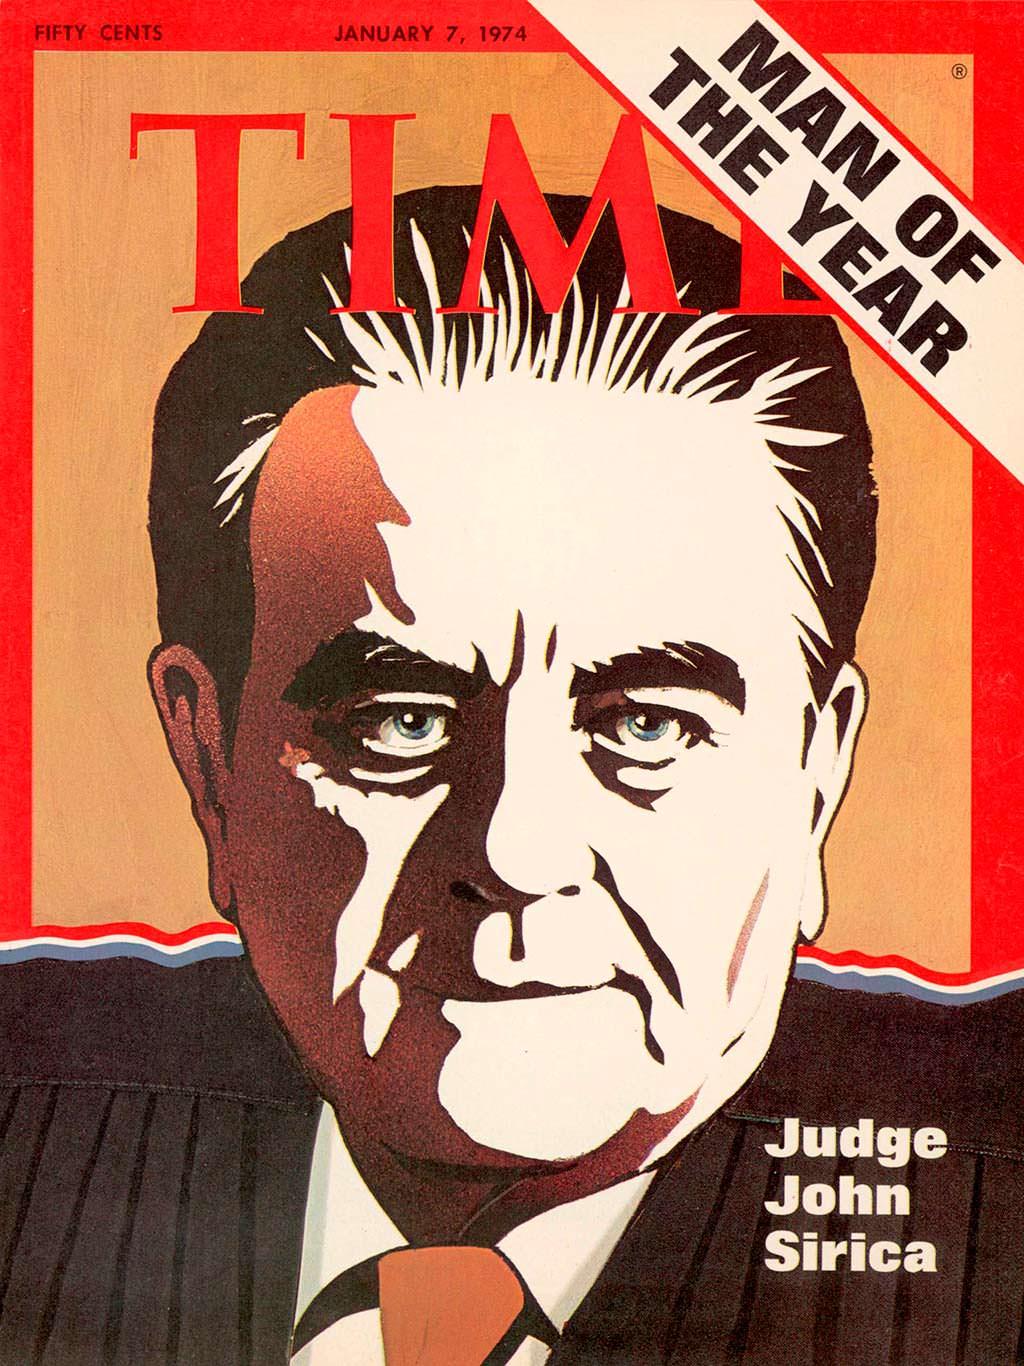 1973 год. Американский судья Джон Сирика на обложке Time